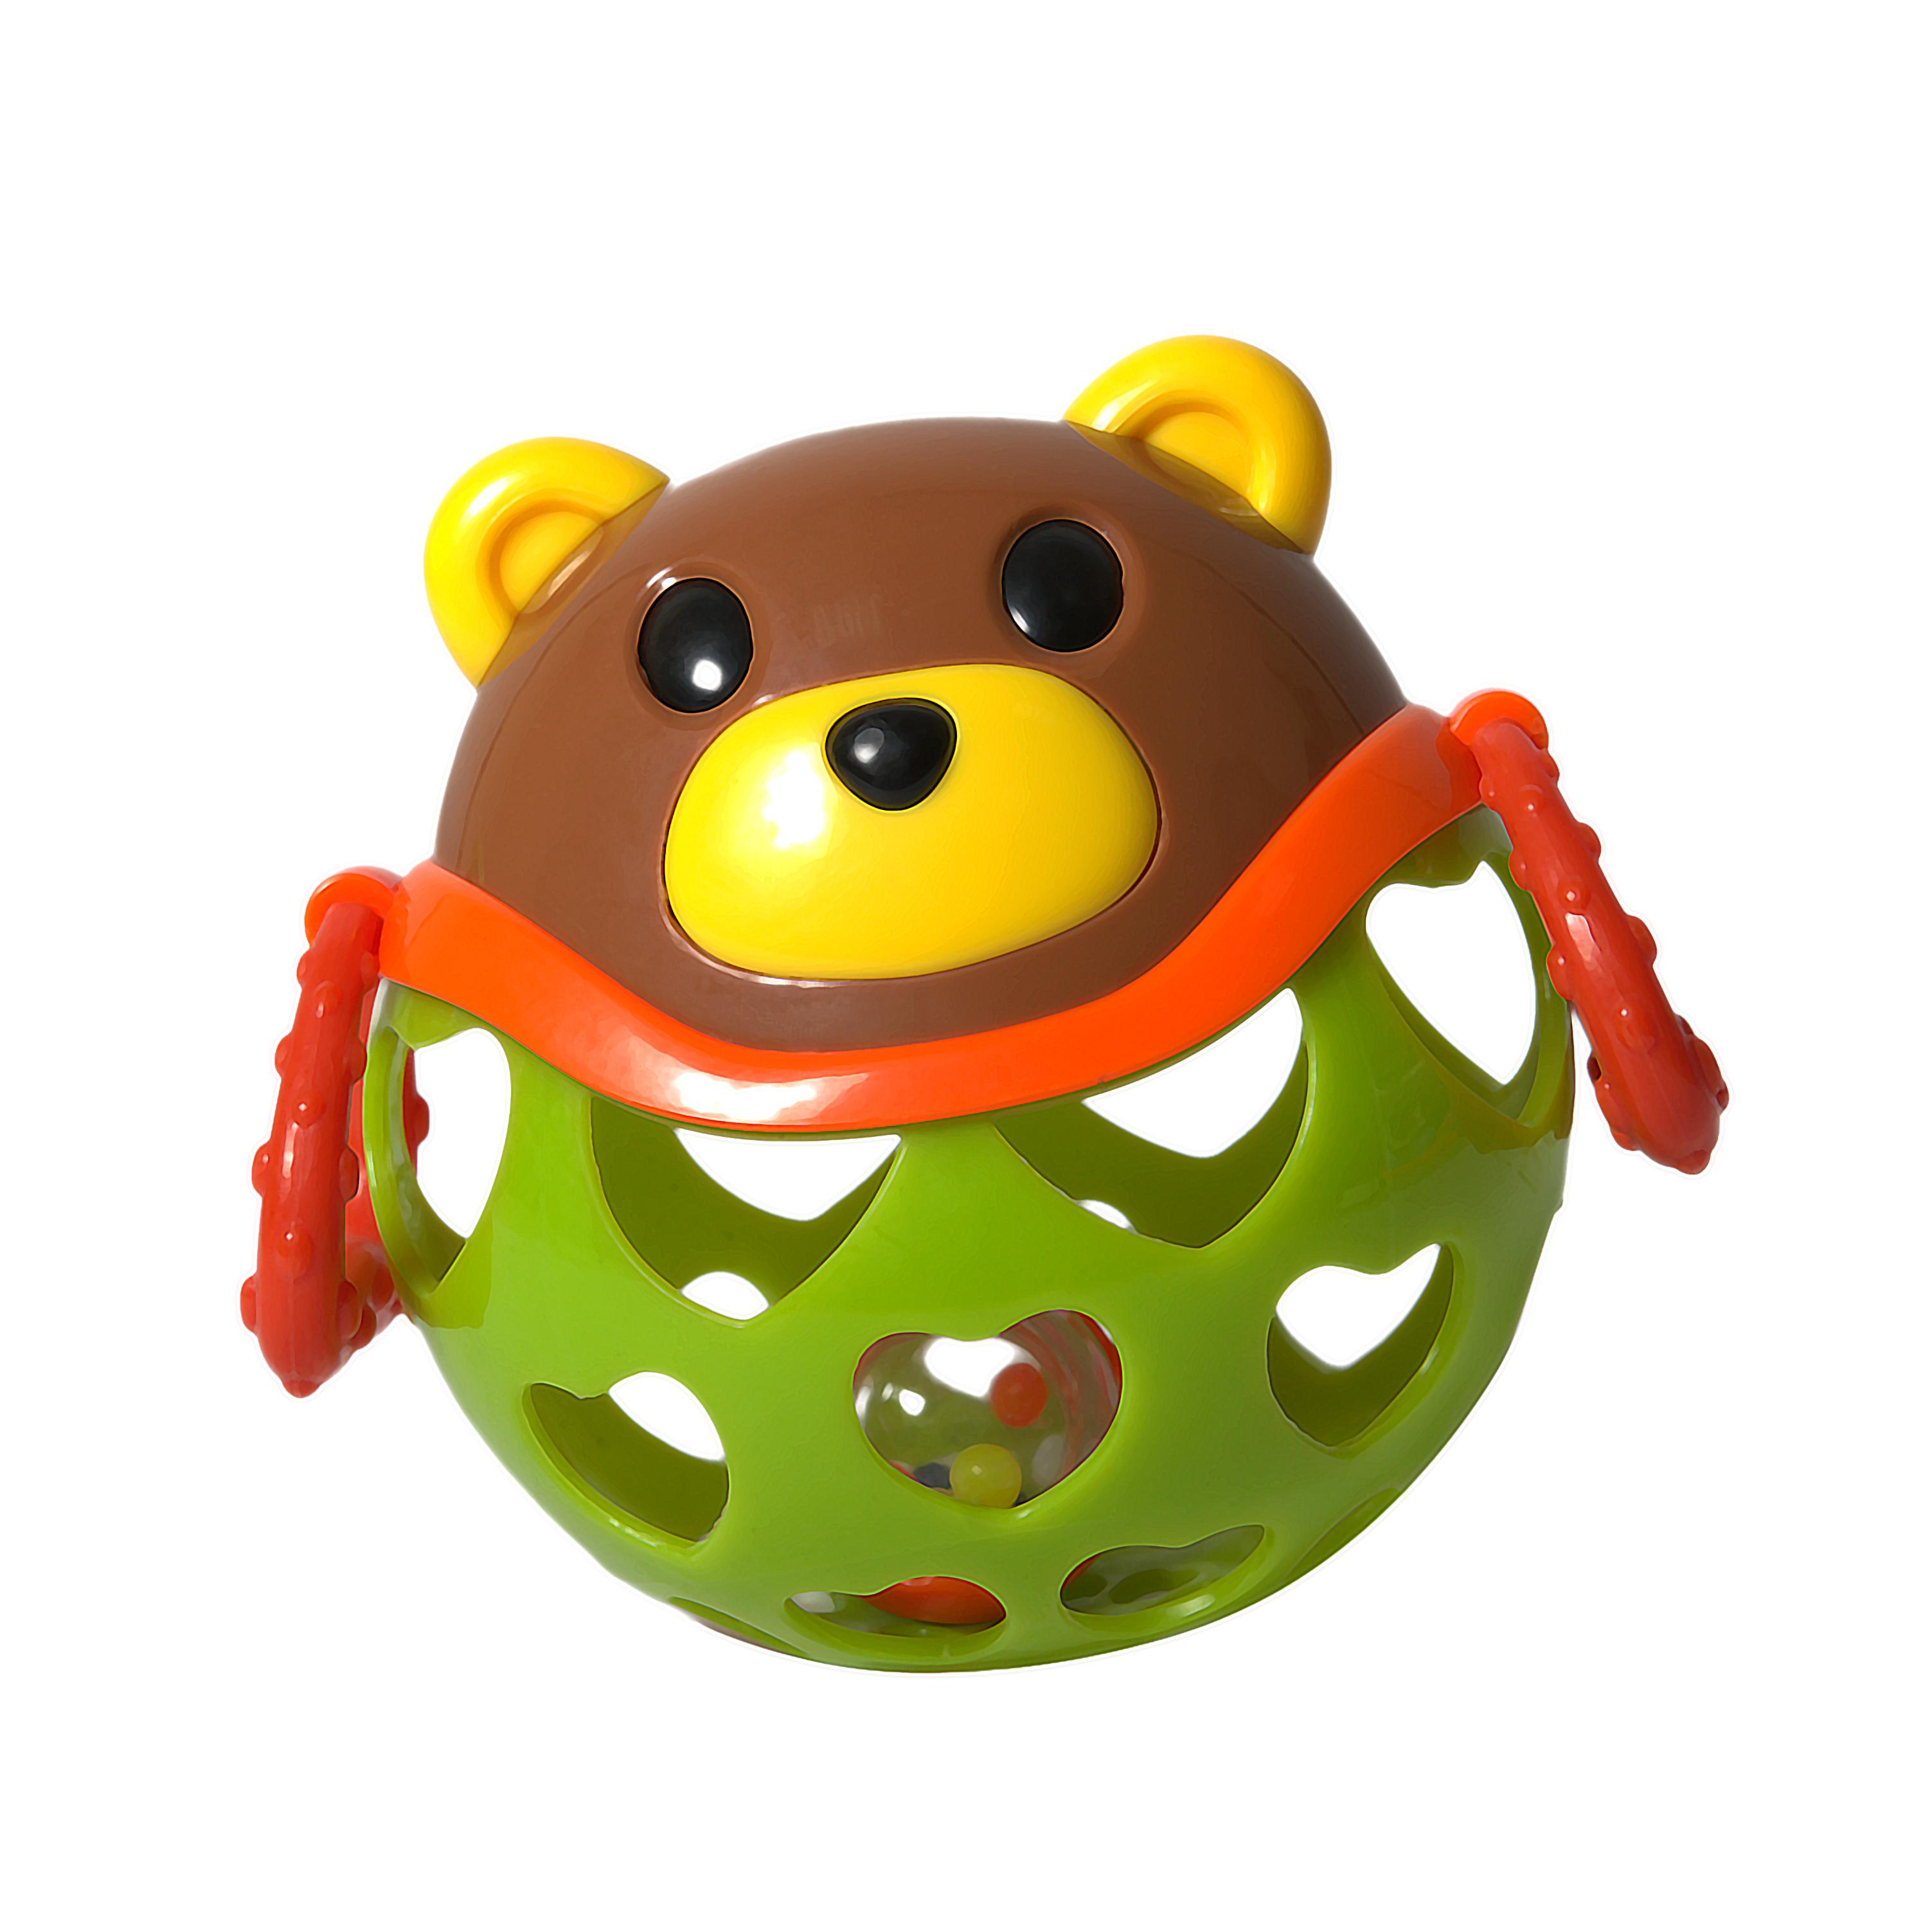 Погремушки Baby Trend Медведь baby trend погремушка неразбивайка baby trend собака